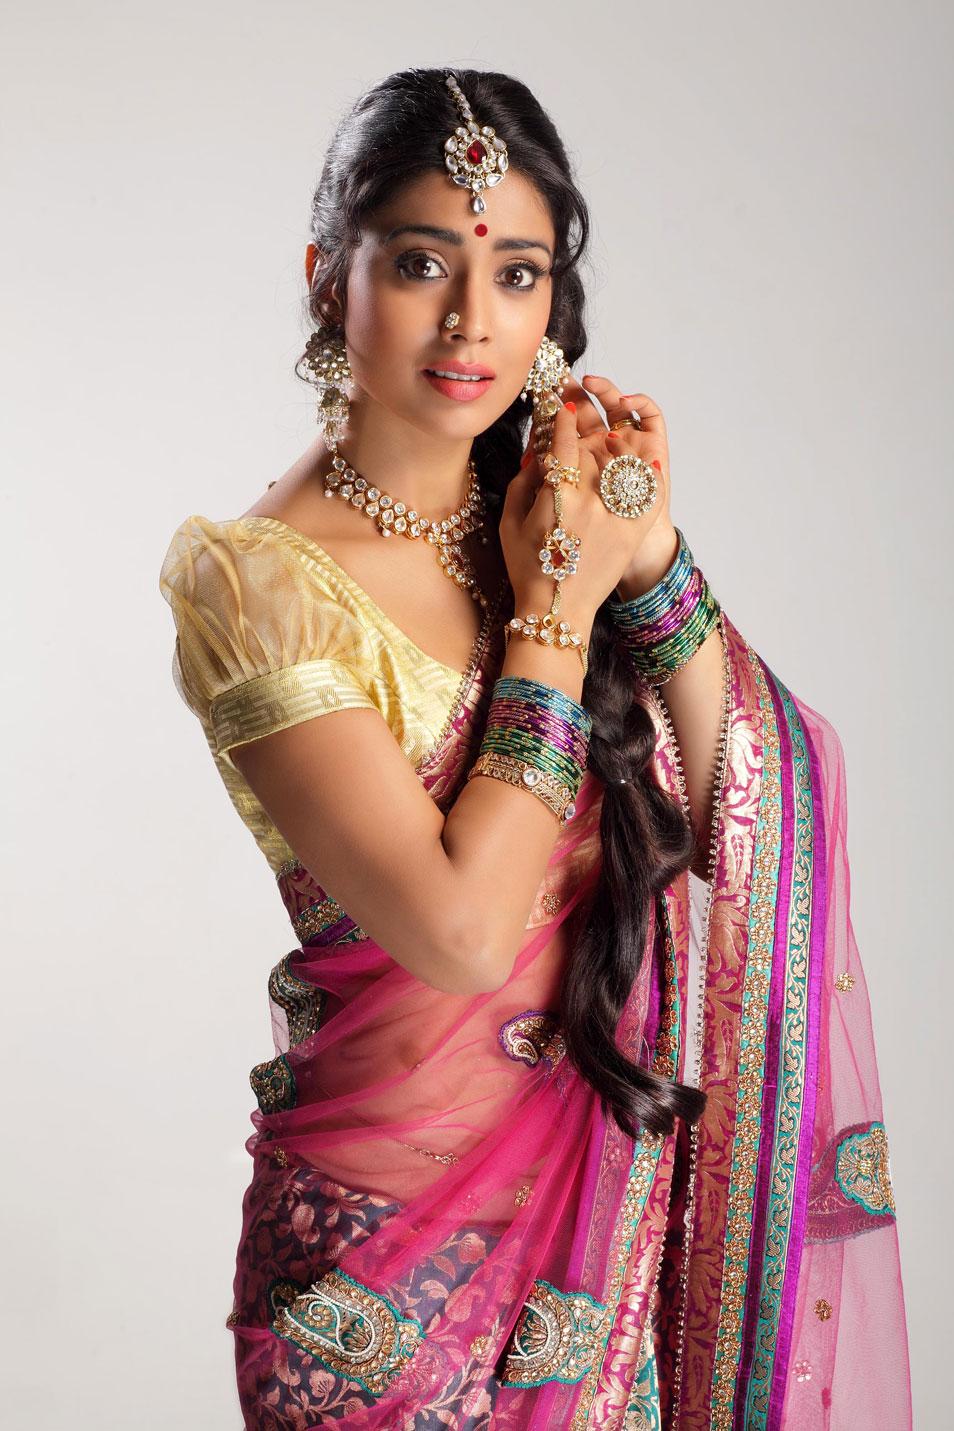 Посмотреть танец индианок 20 фотография